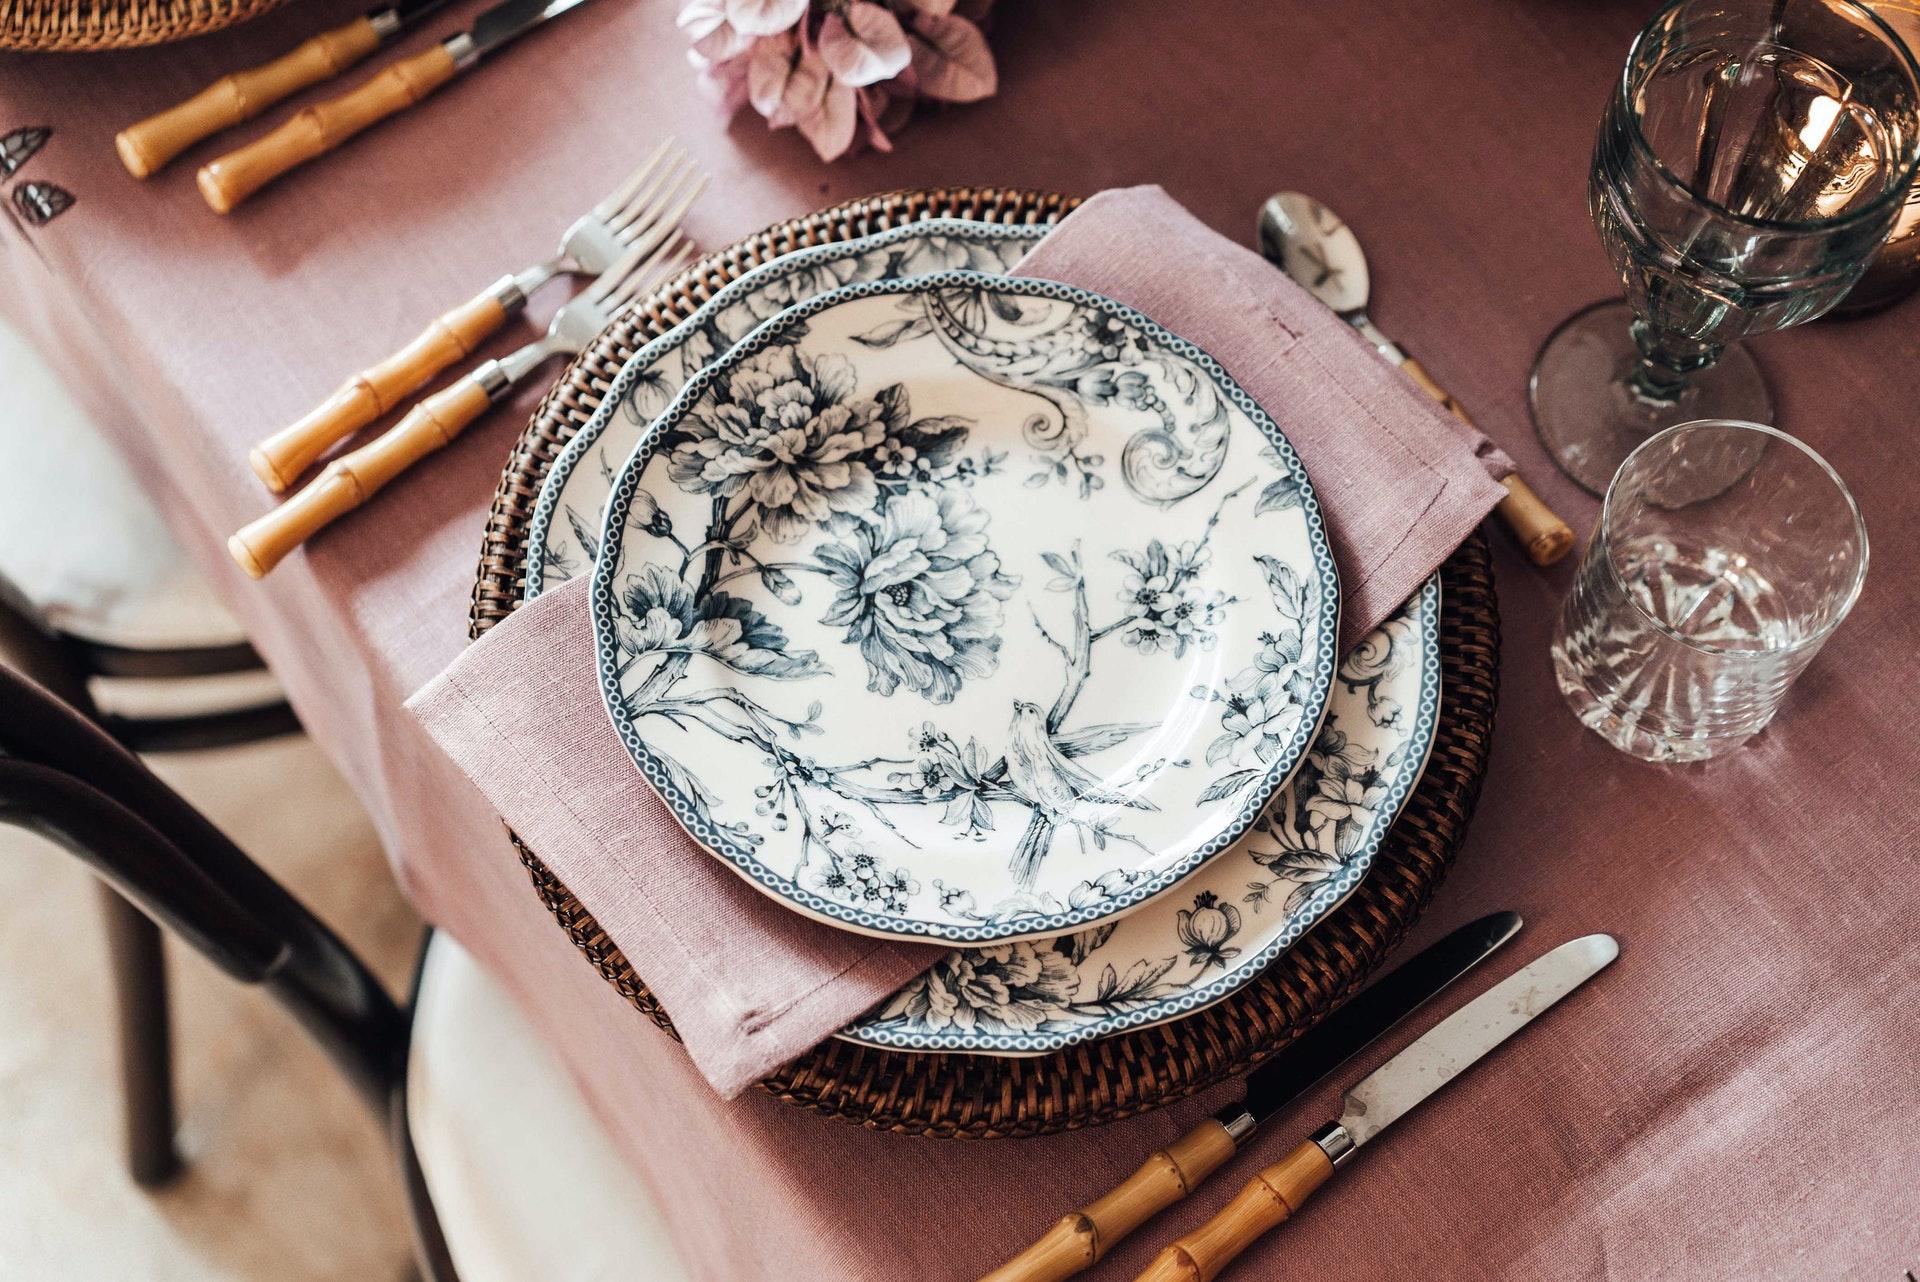 DIY-Ideen für den Sommer: Porzellan bemalen